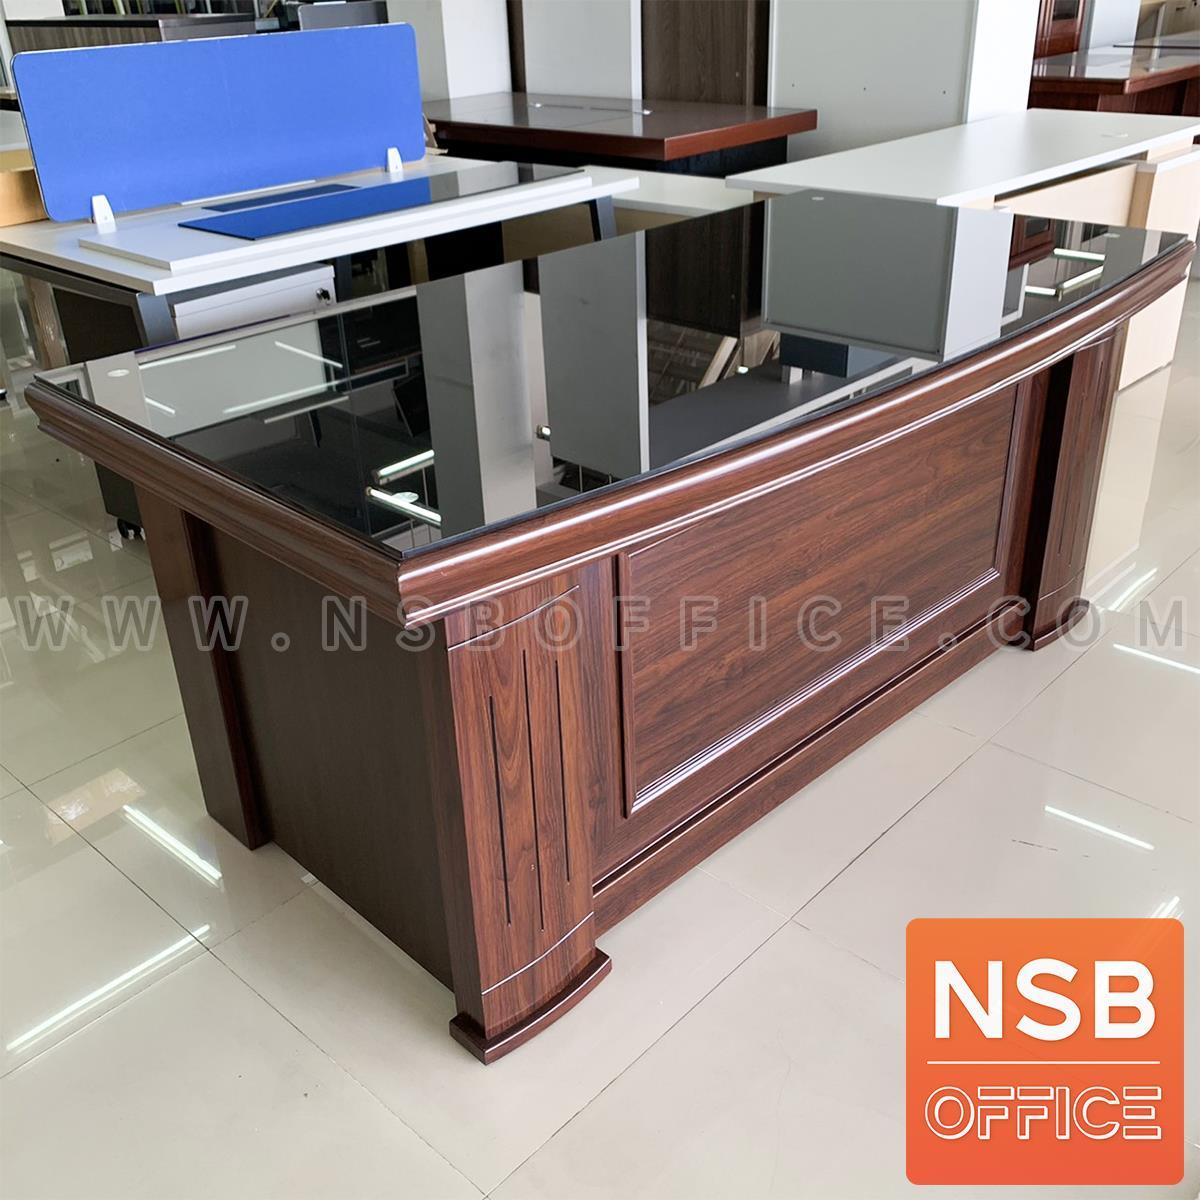 A06A153:โต๊ะทำงานผู้บริหาร รุ่น Phoenix (ฟีนิกซ์) ขนาด 180W cm. หน้าท็อปทับด้วยกระจก